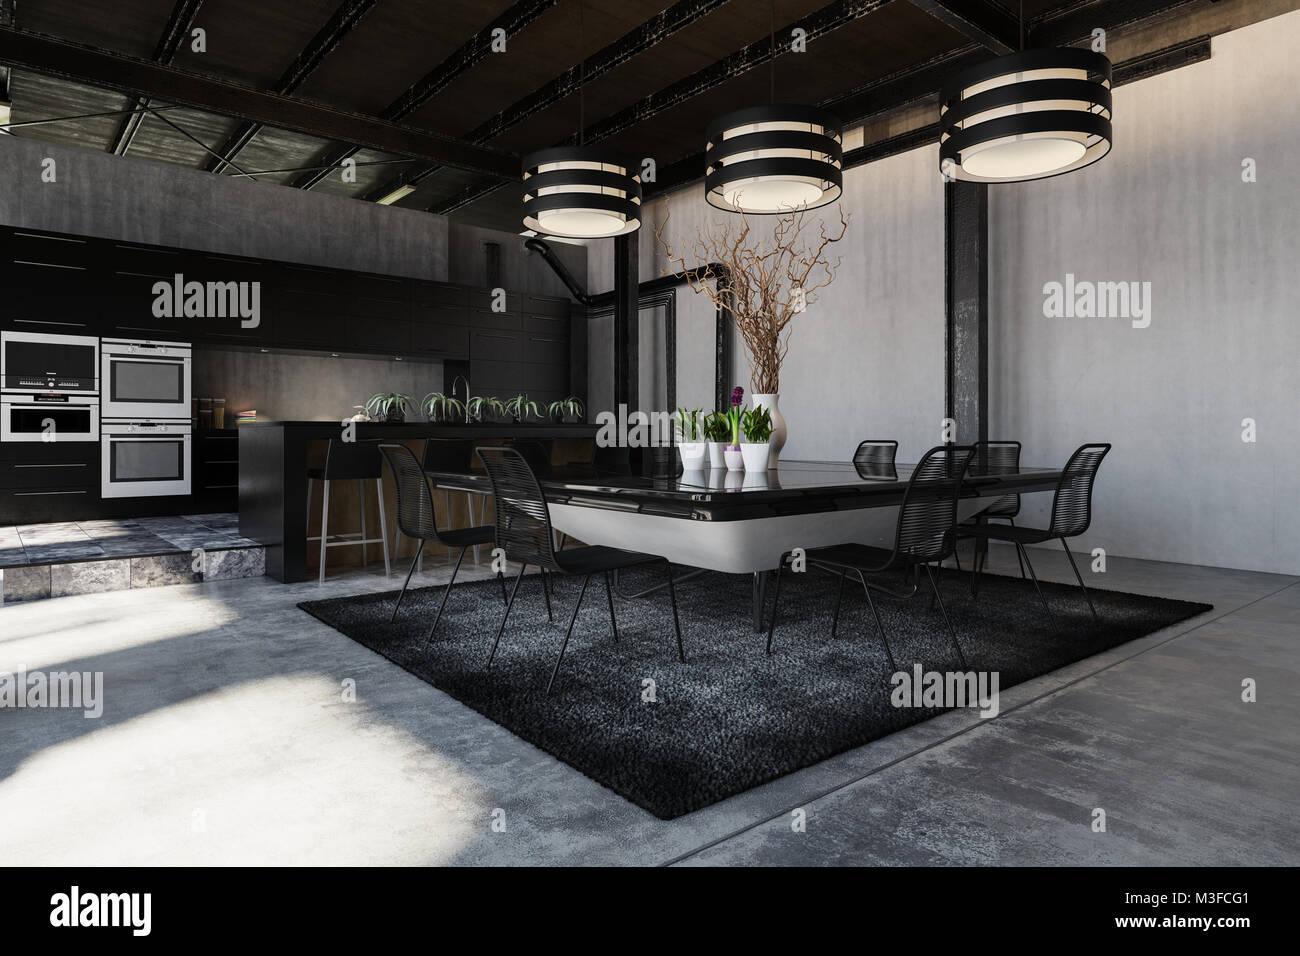 Loft industriel design moderne noir intérieur de conversion d une